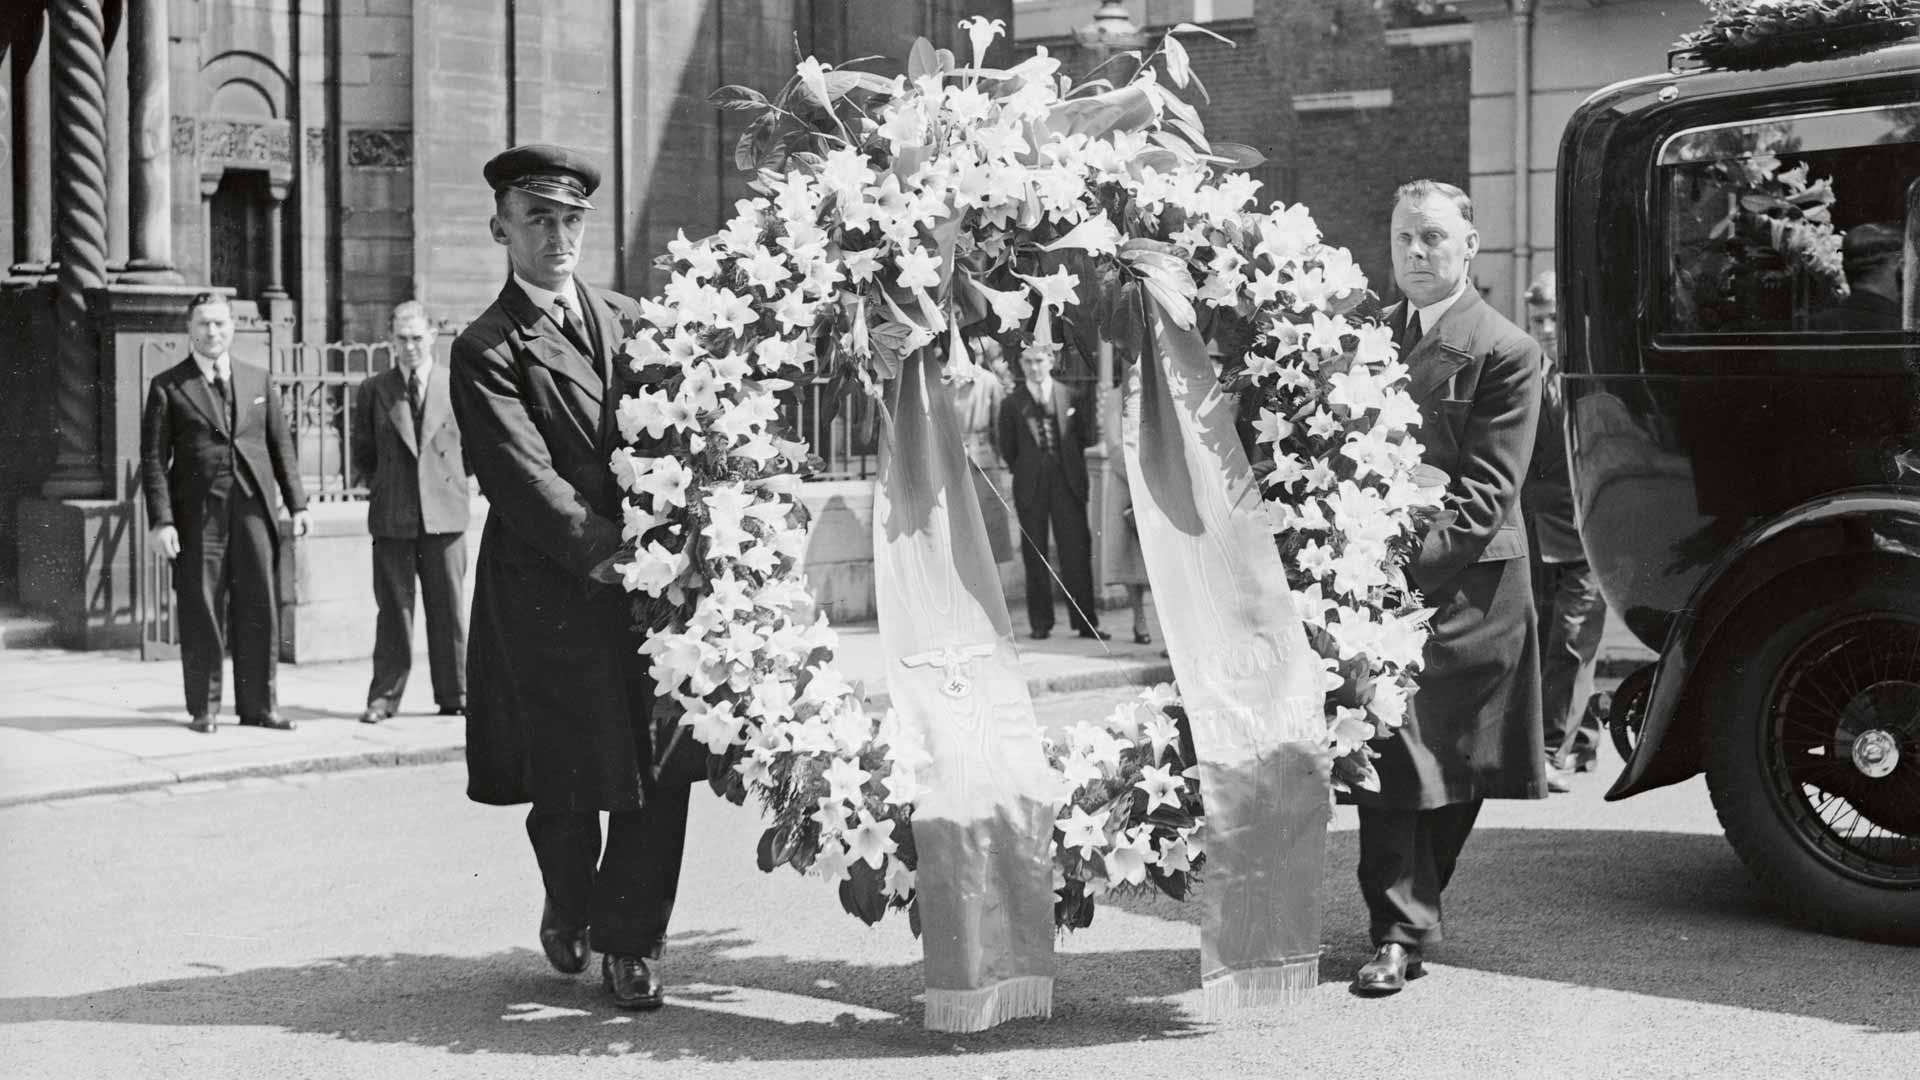 Adolf Hitlerin lähettämä jättisuuri seppele